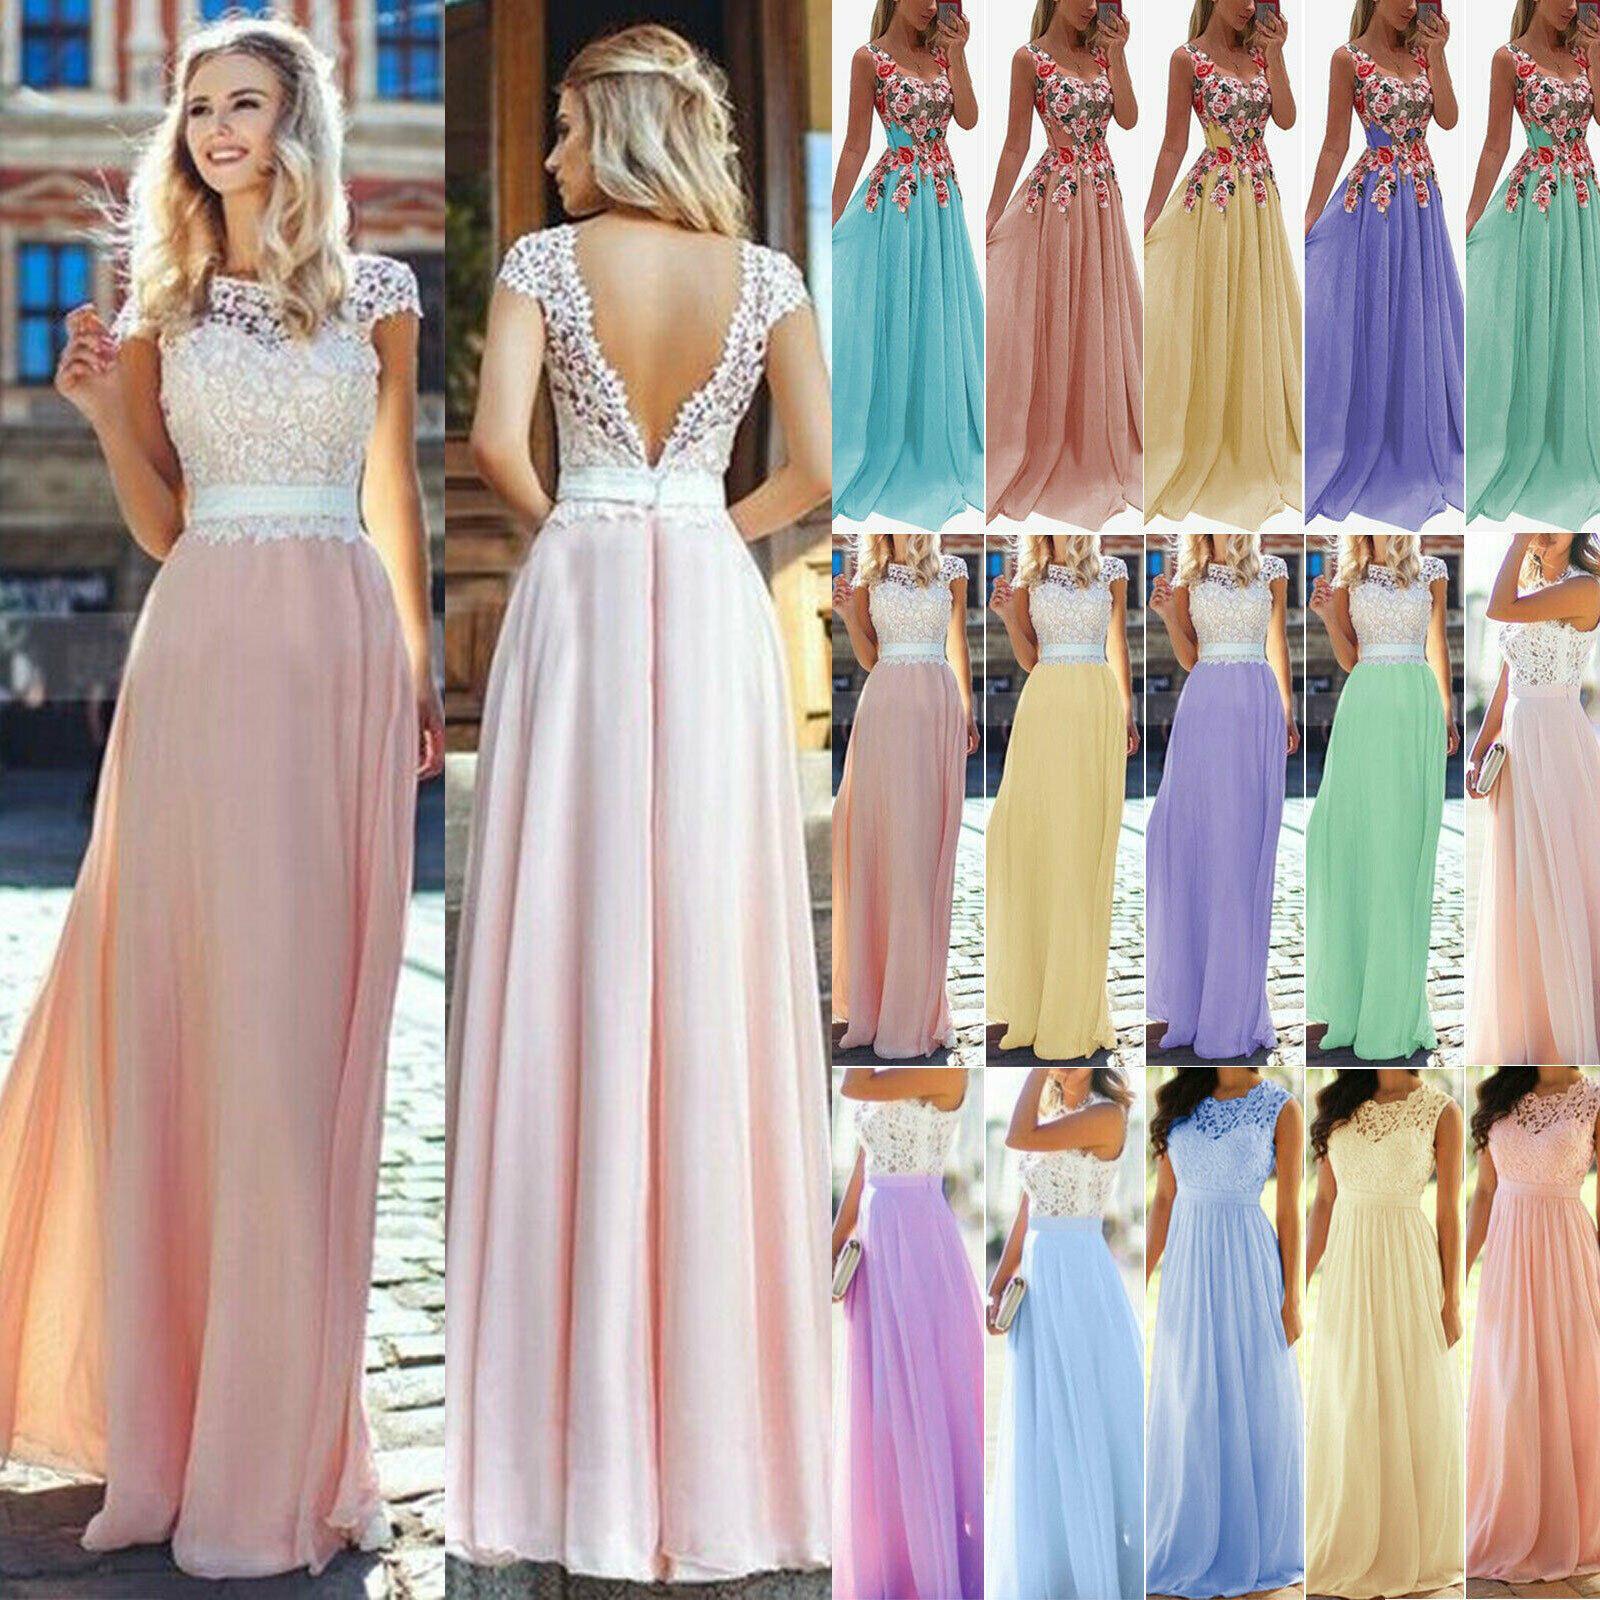 Luxurius Frauen Abend Kleid SpezialgebietAbend Kreativ Frauen Abend Kleid Galerie